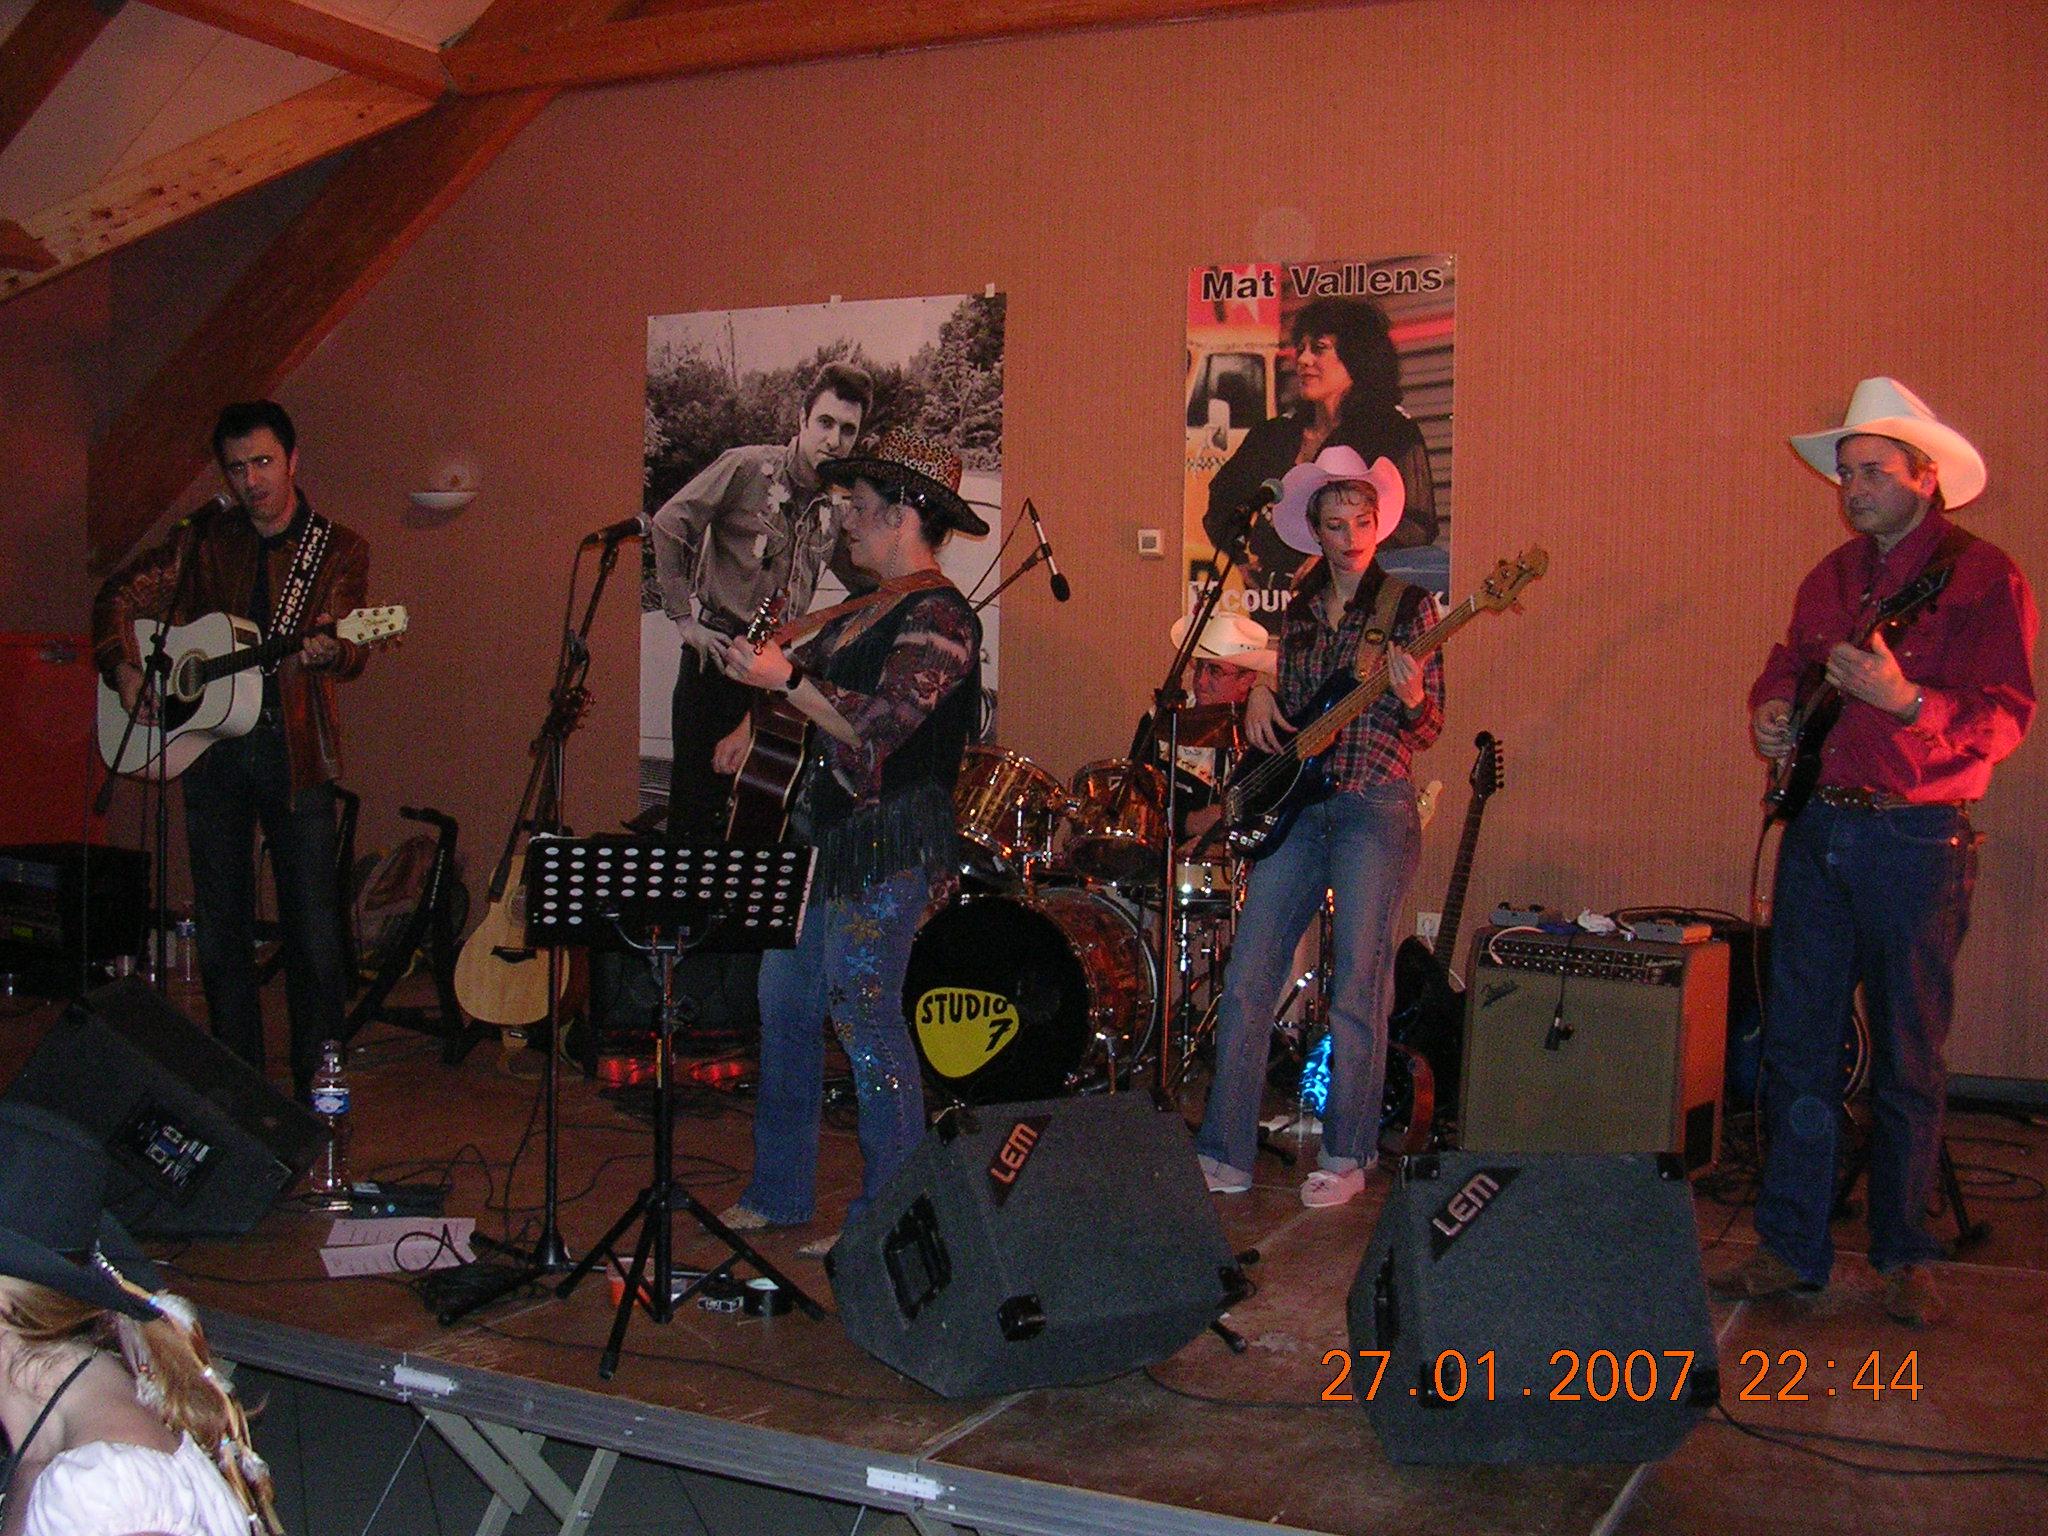 World Fest Music ou Day Fest Country & Bluegrass février 2007 Darvault